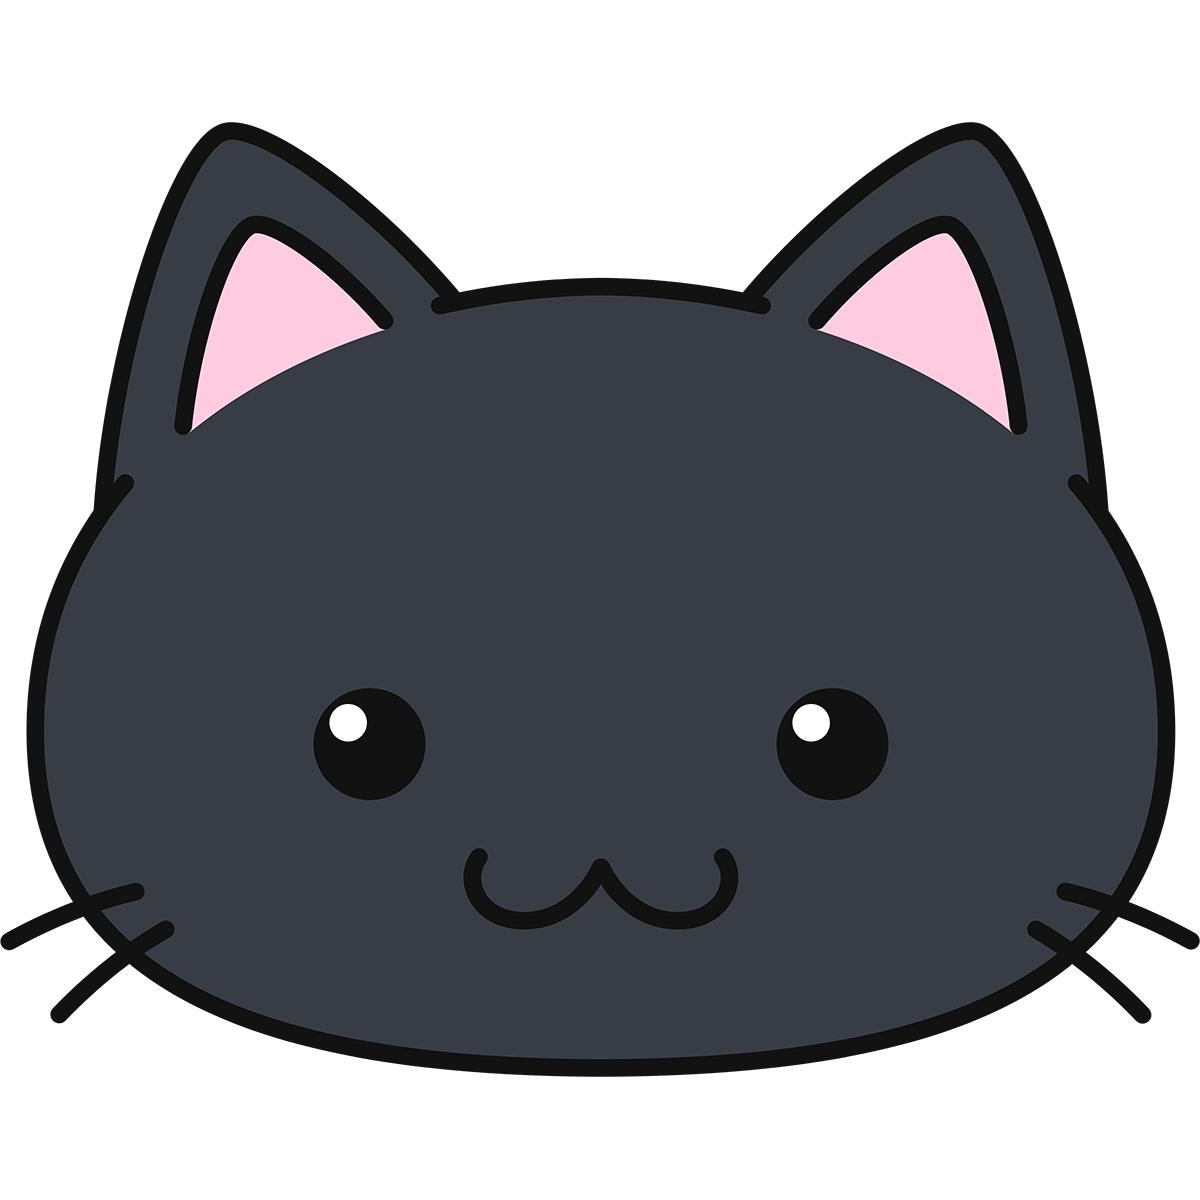 黒猫の顔(丸目)の無料イラスト